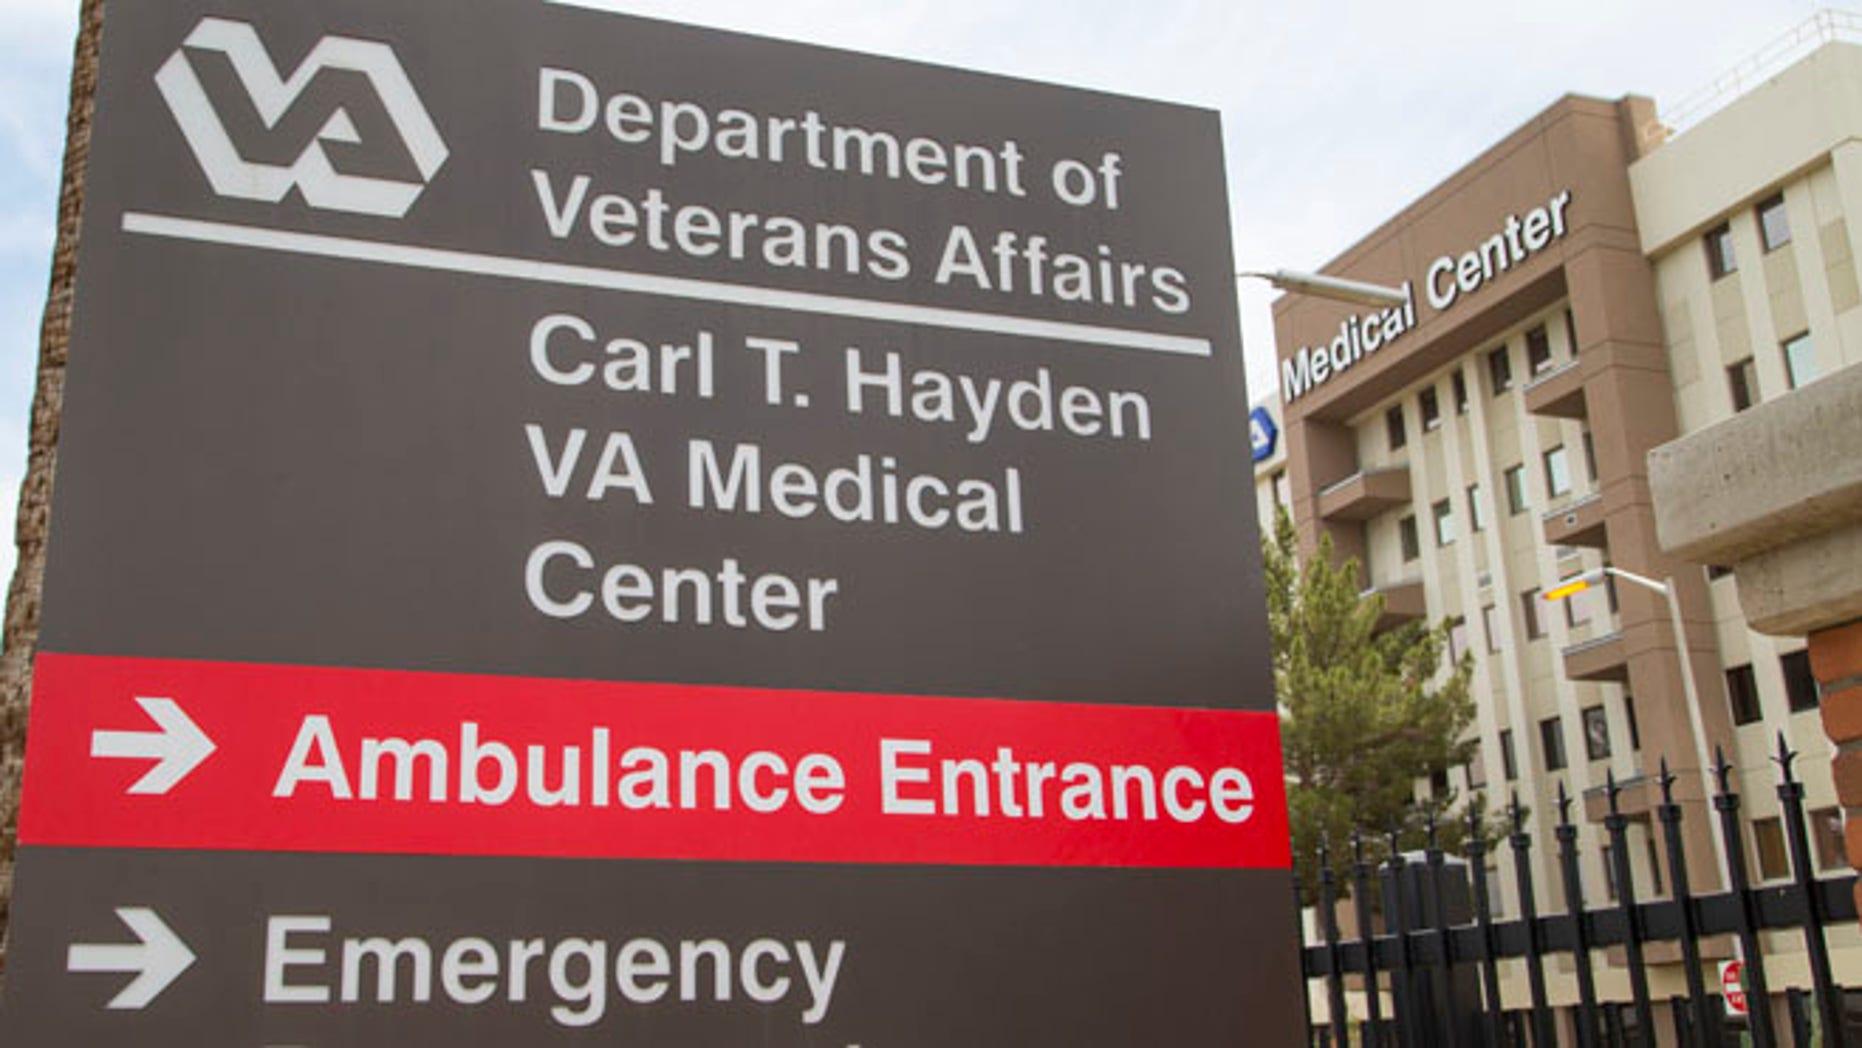 The Carl T. Hayden VA Medical Center in Phoenix is seen Wednesday May 28, 2014.